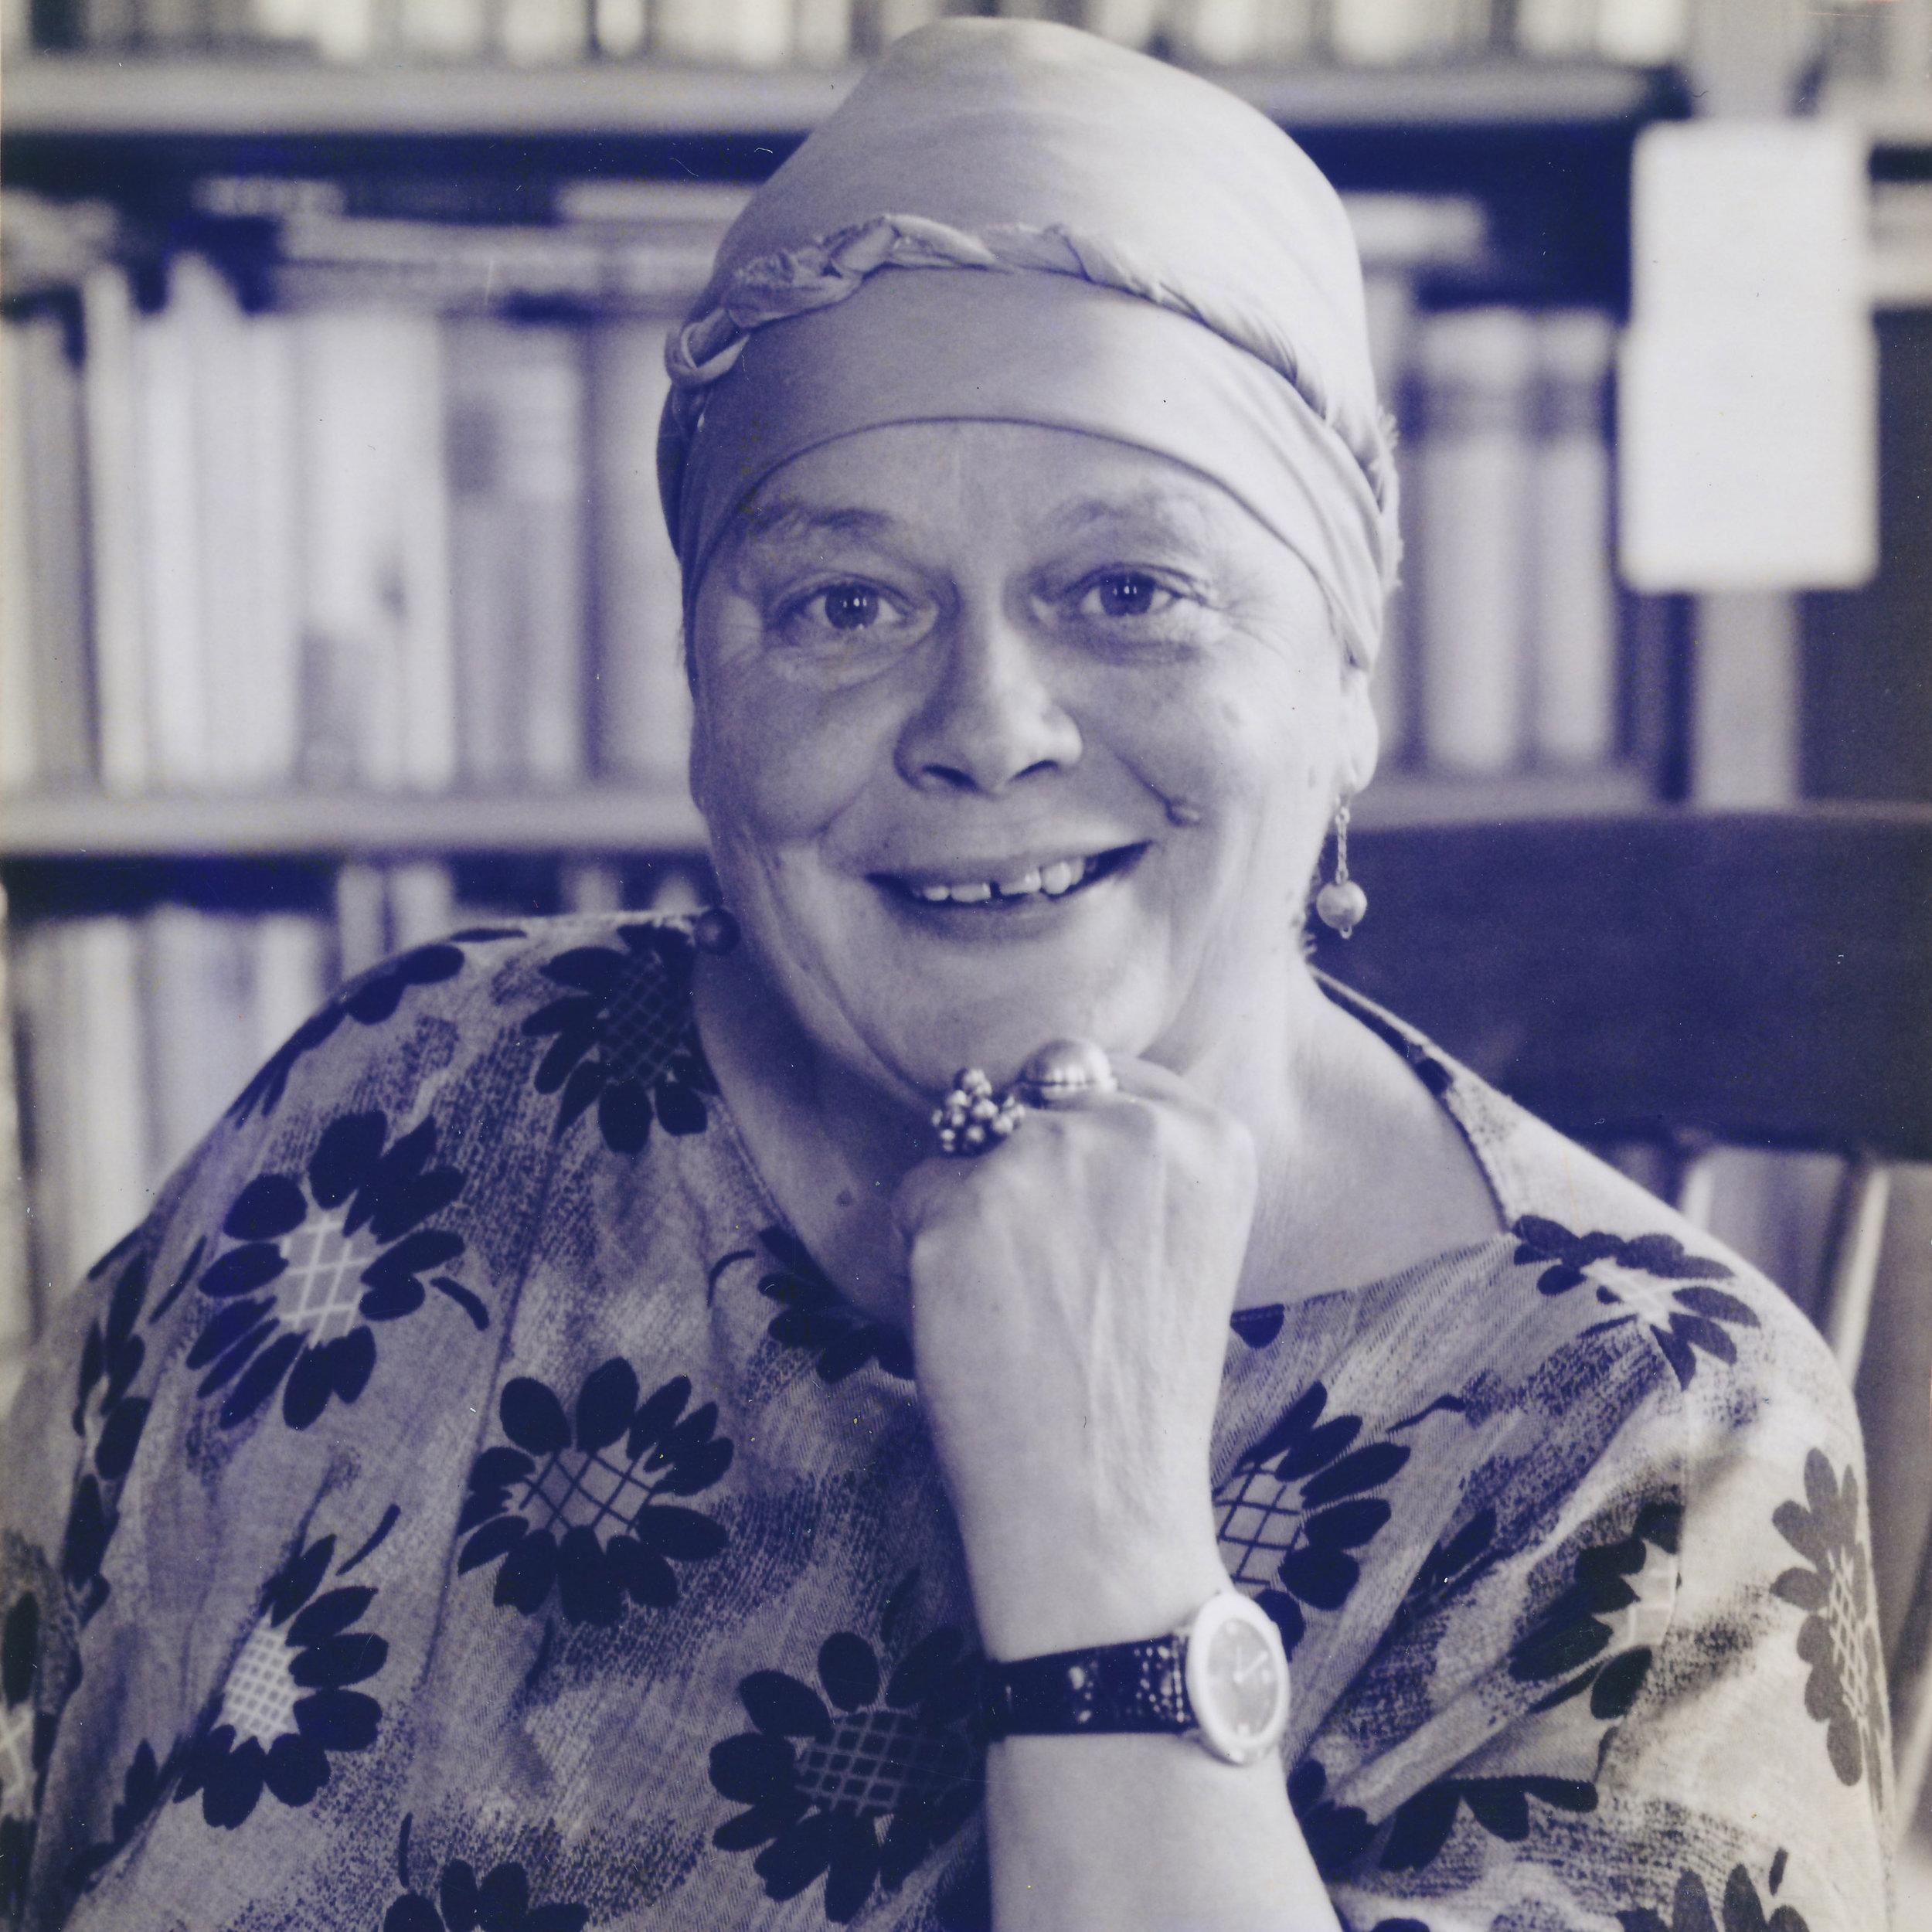 Täti Tuidu - Tuula Tuomisto (1936-2010) oli ihana tätimme, joka palasi lapsuudenkotiinsa Tuomistolle 1970-luvulla. Tuidu vietti taiteilijaelämää maalaten vuoden ympäri. Samalla hän oli mukana monissa ammatti-, paikallis- ja muissa yhteisöissä ja toimi mm. kuvataideterapeuttina ja joogaopettajana. Sukulaiset tapasivat kokoontua Tuidun luokse viettämään juhlia ja pohtimaan elämää.